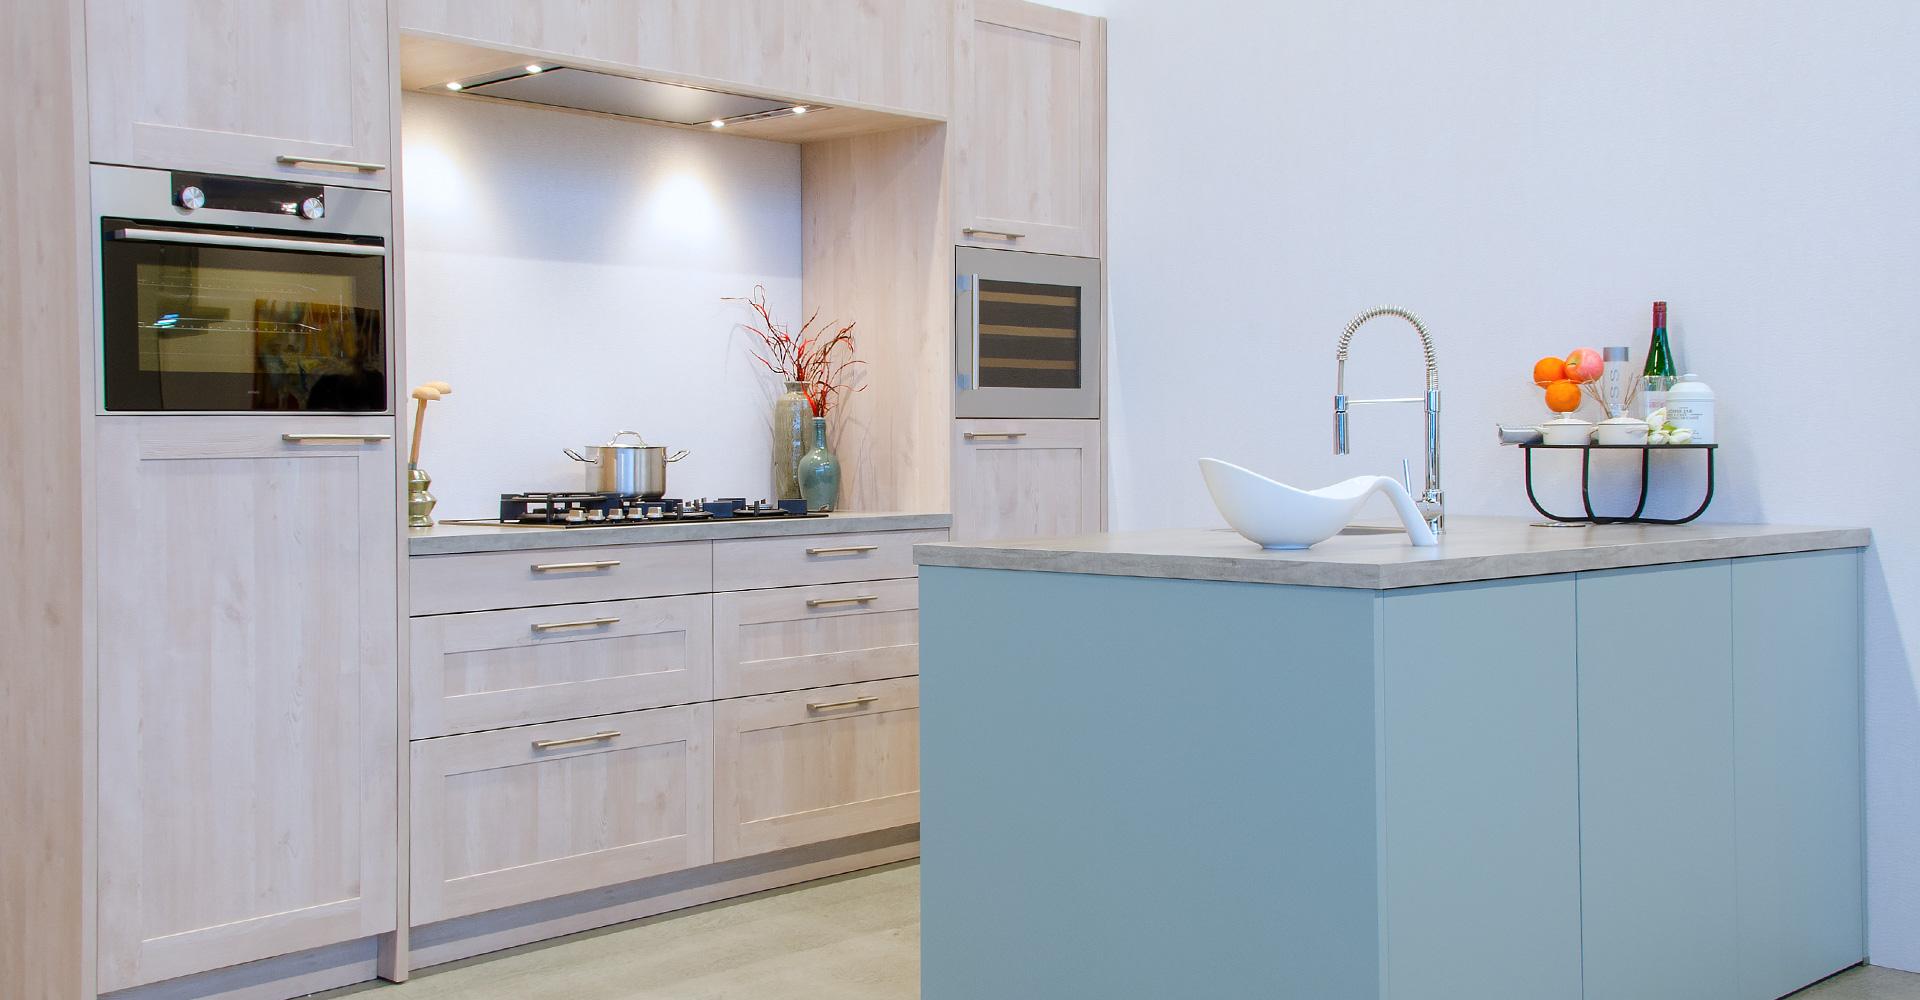 tegels keuken hoogeveen : Otten Keukens Sanitair Hoogeveen Kwaliteit En Nuchterheid